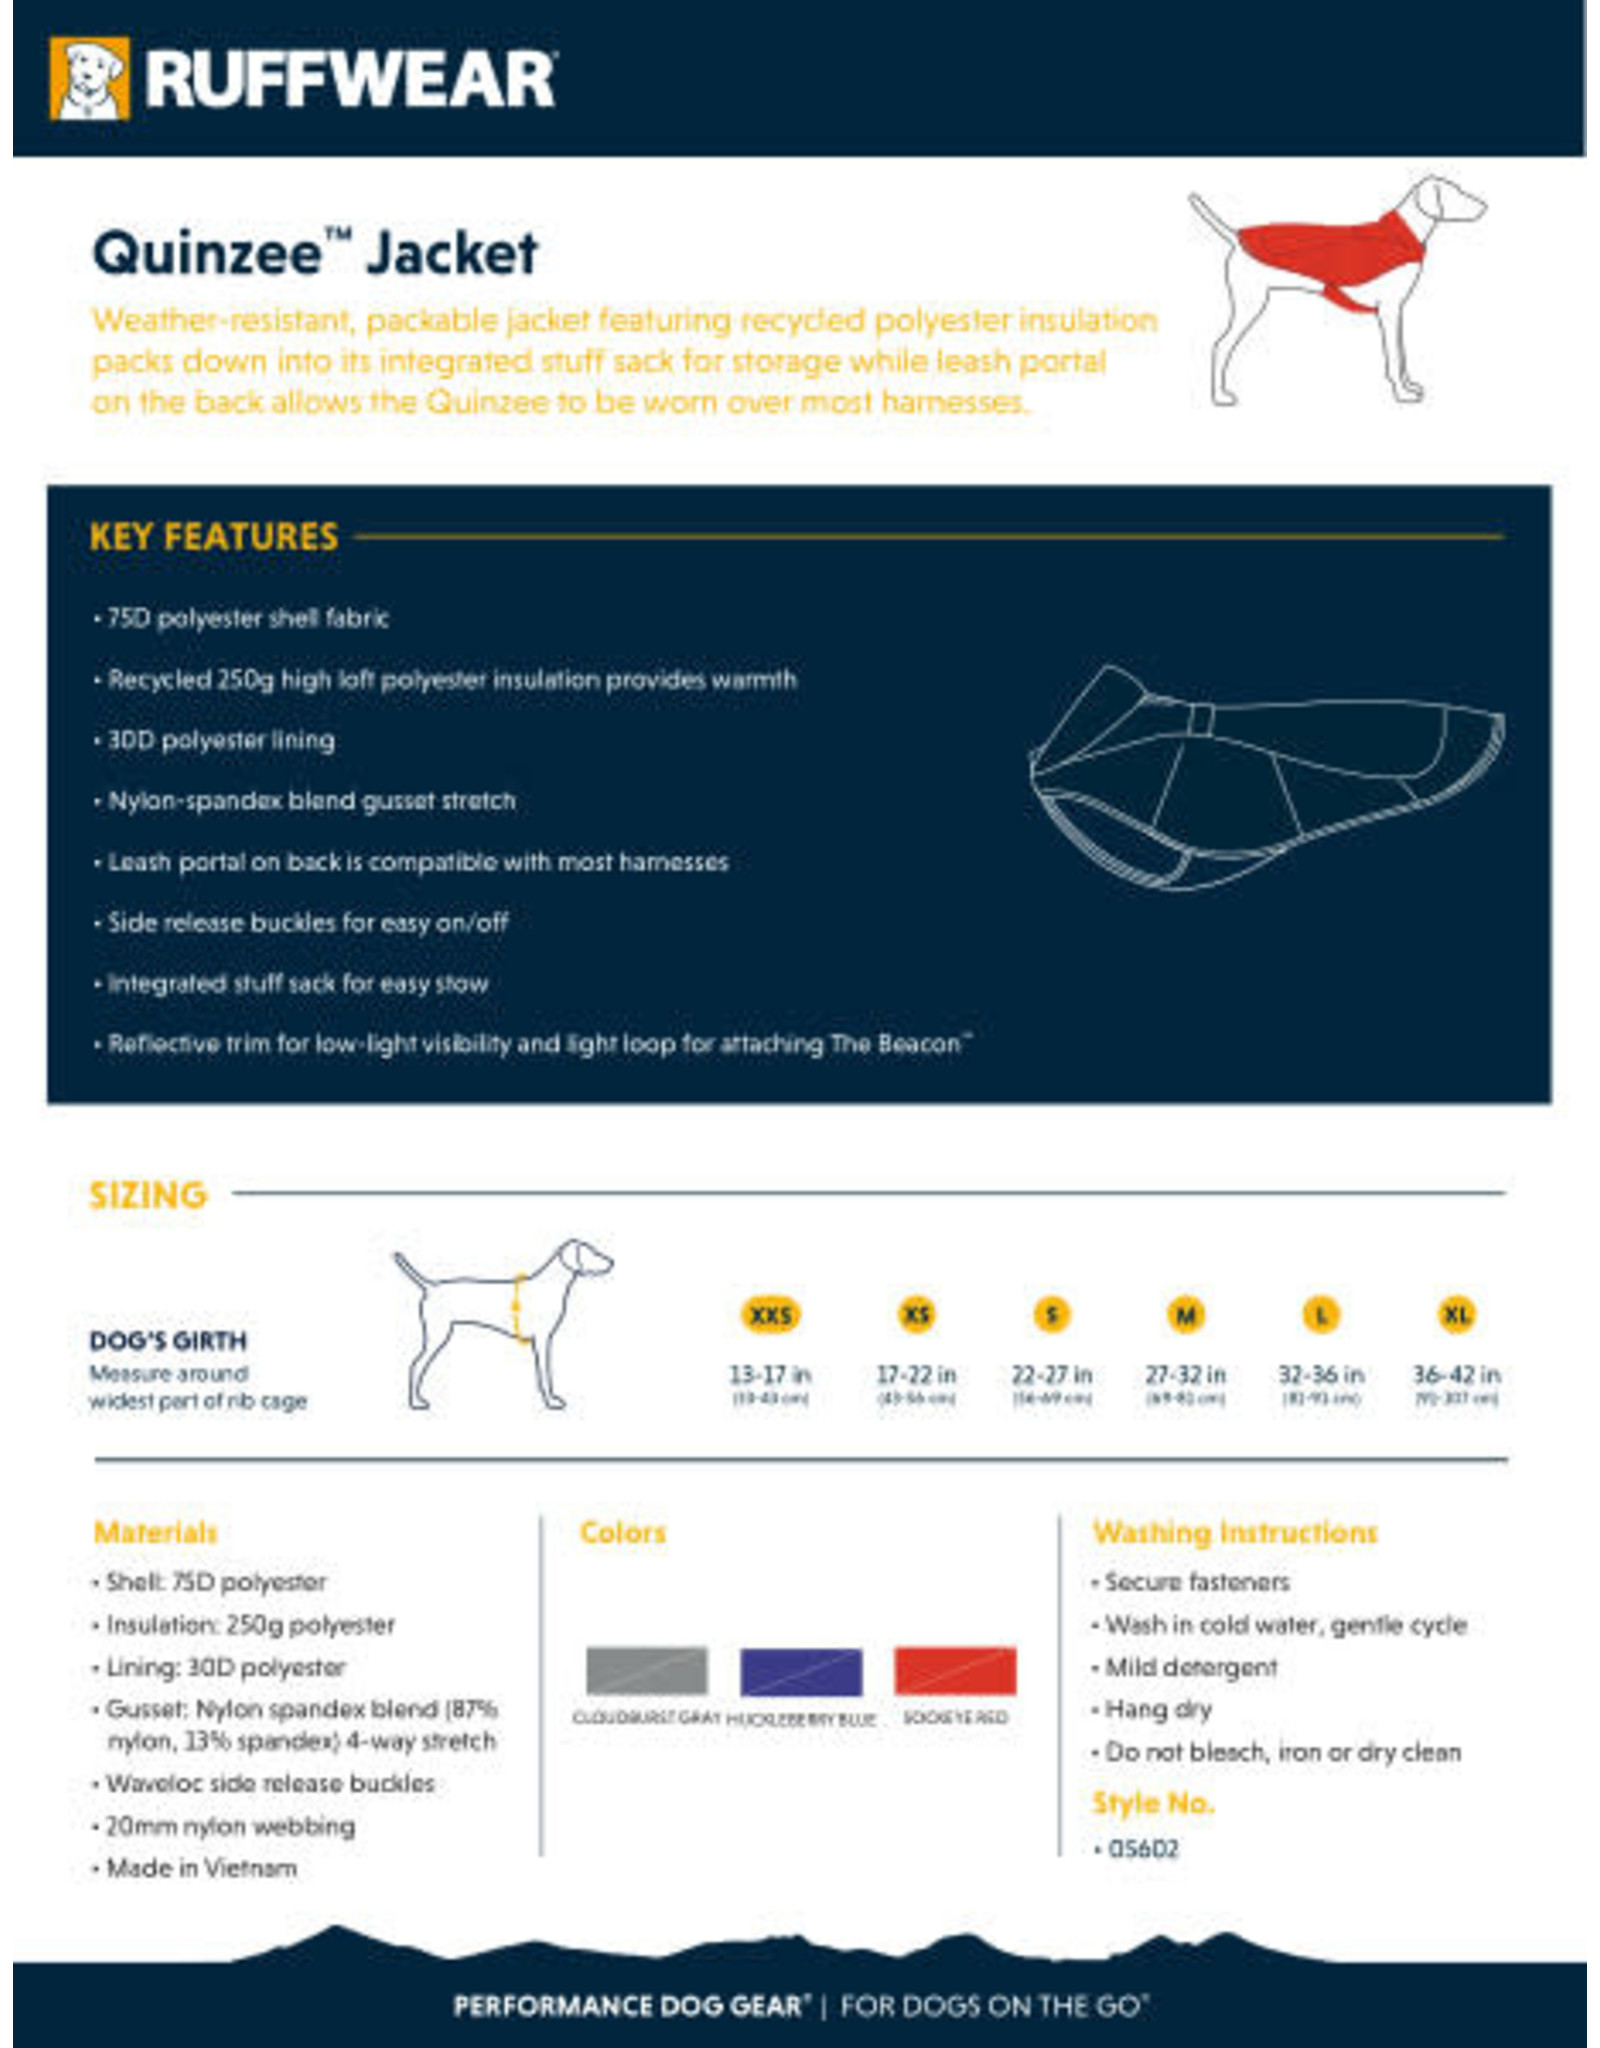 Ruffwear Quinzee Jacket: Sockeye Red, M